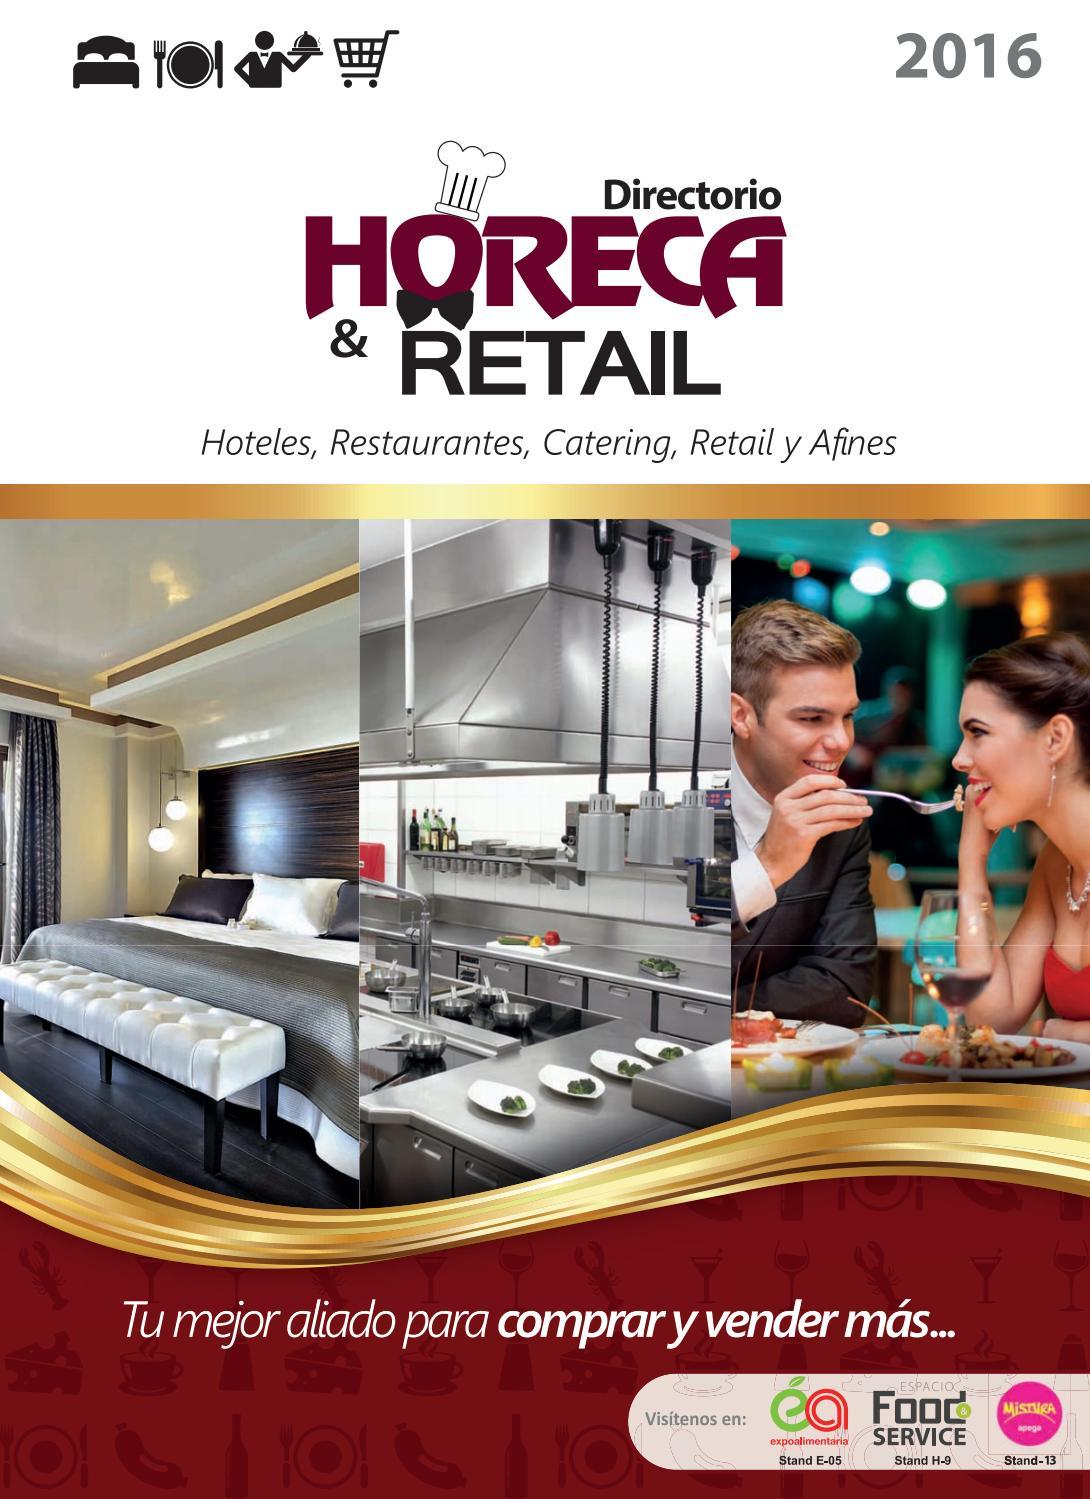 Directorio Empresarial Horeca   Retail 2016 by Revista Industria  Alimentaria - issuu cc33cc445c03